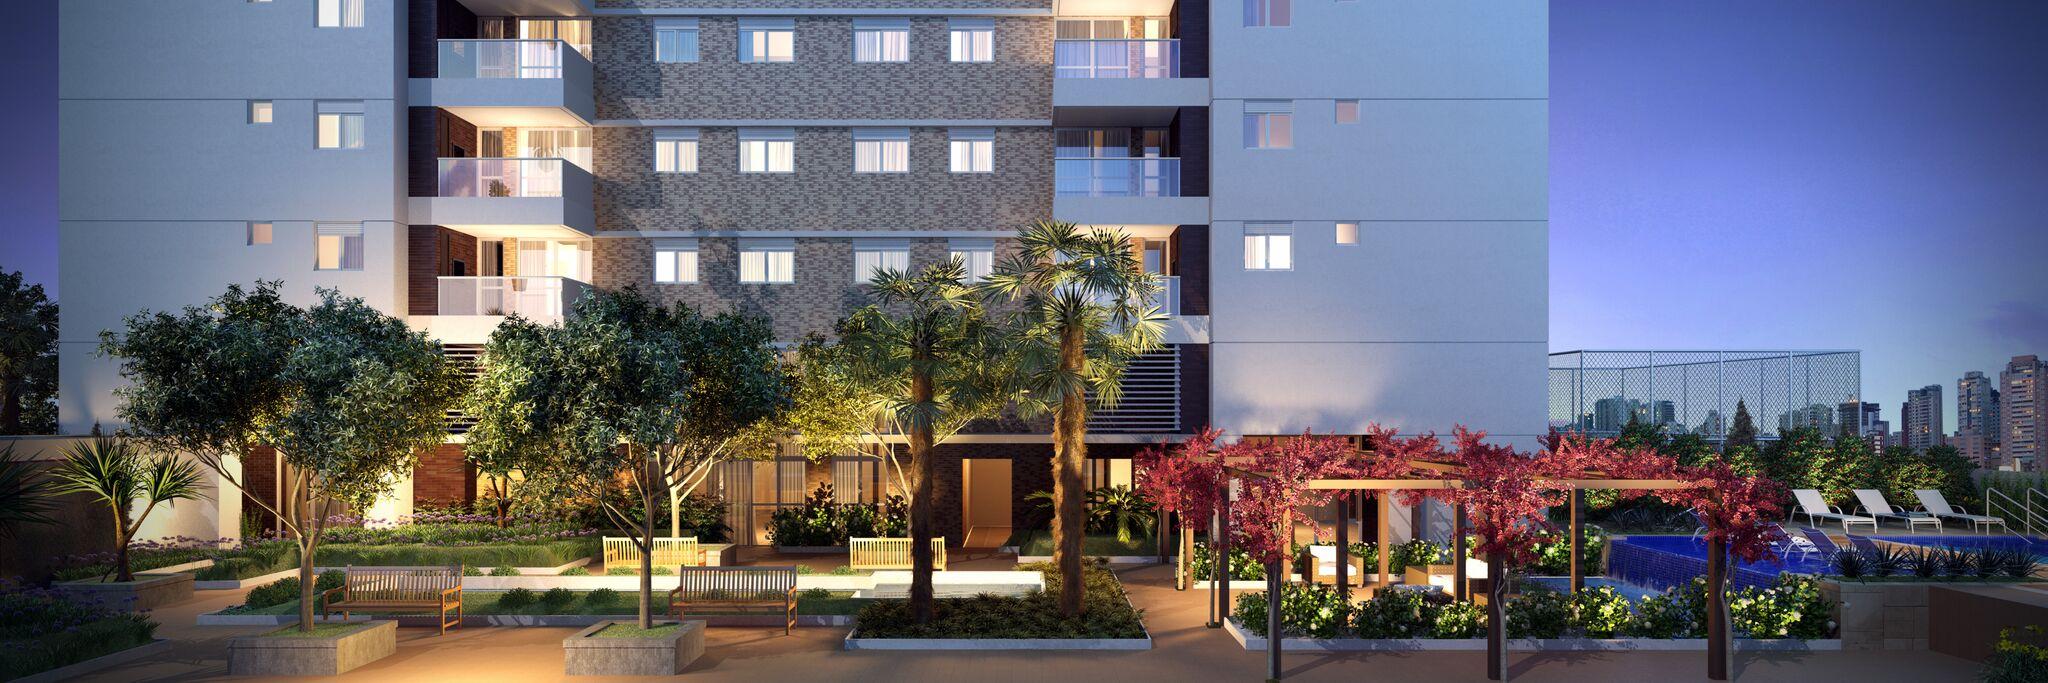 arquiteto para prédio de apartamentos